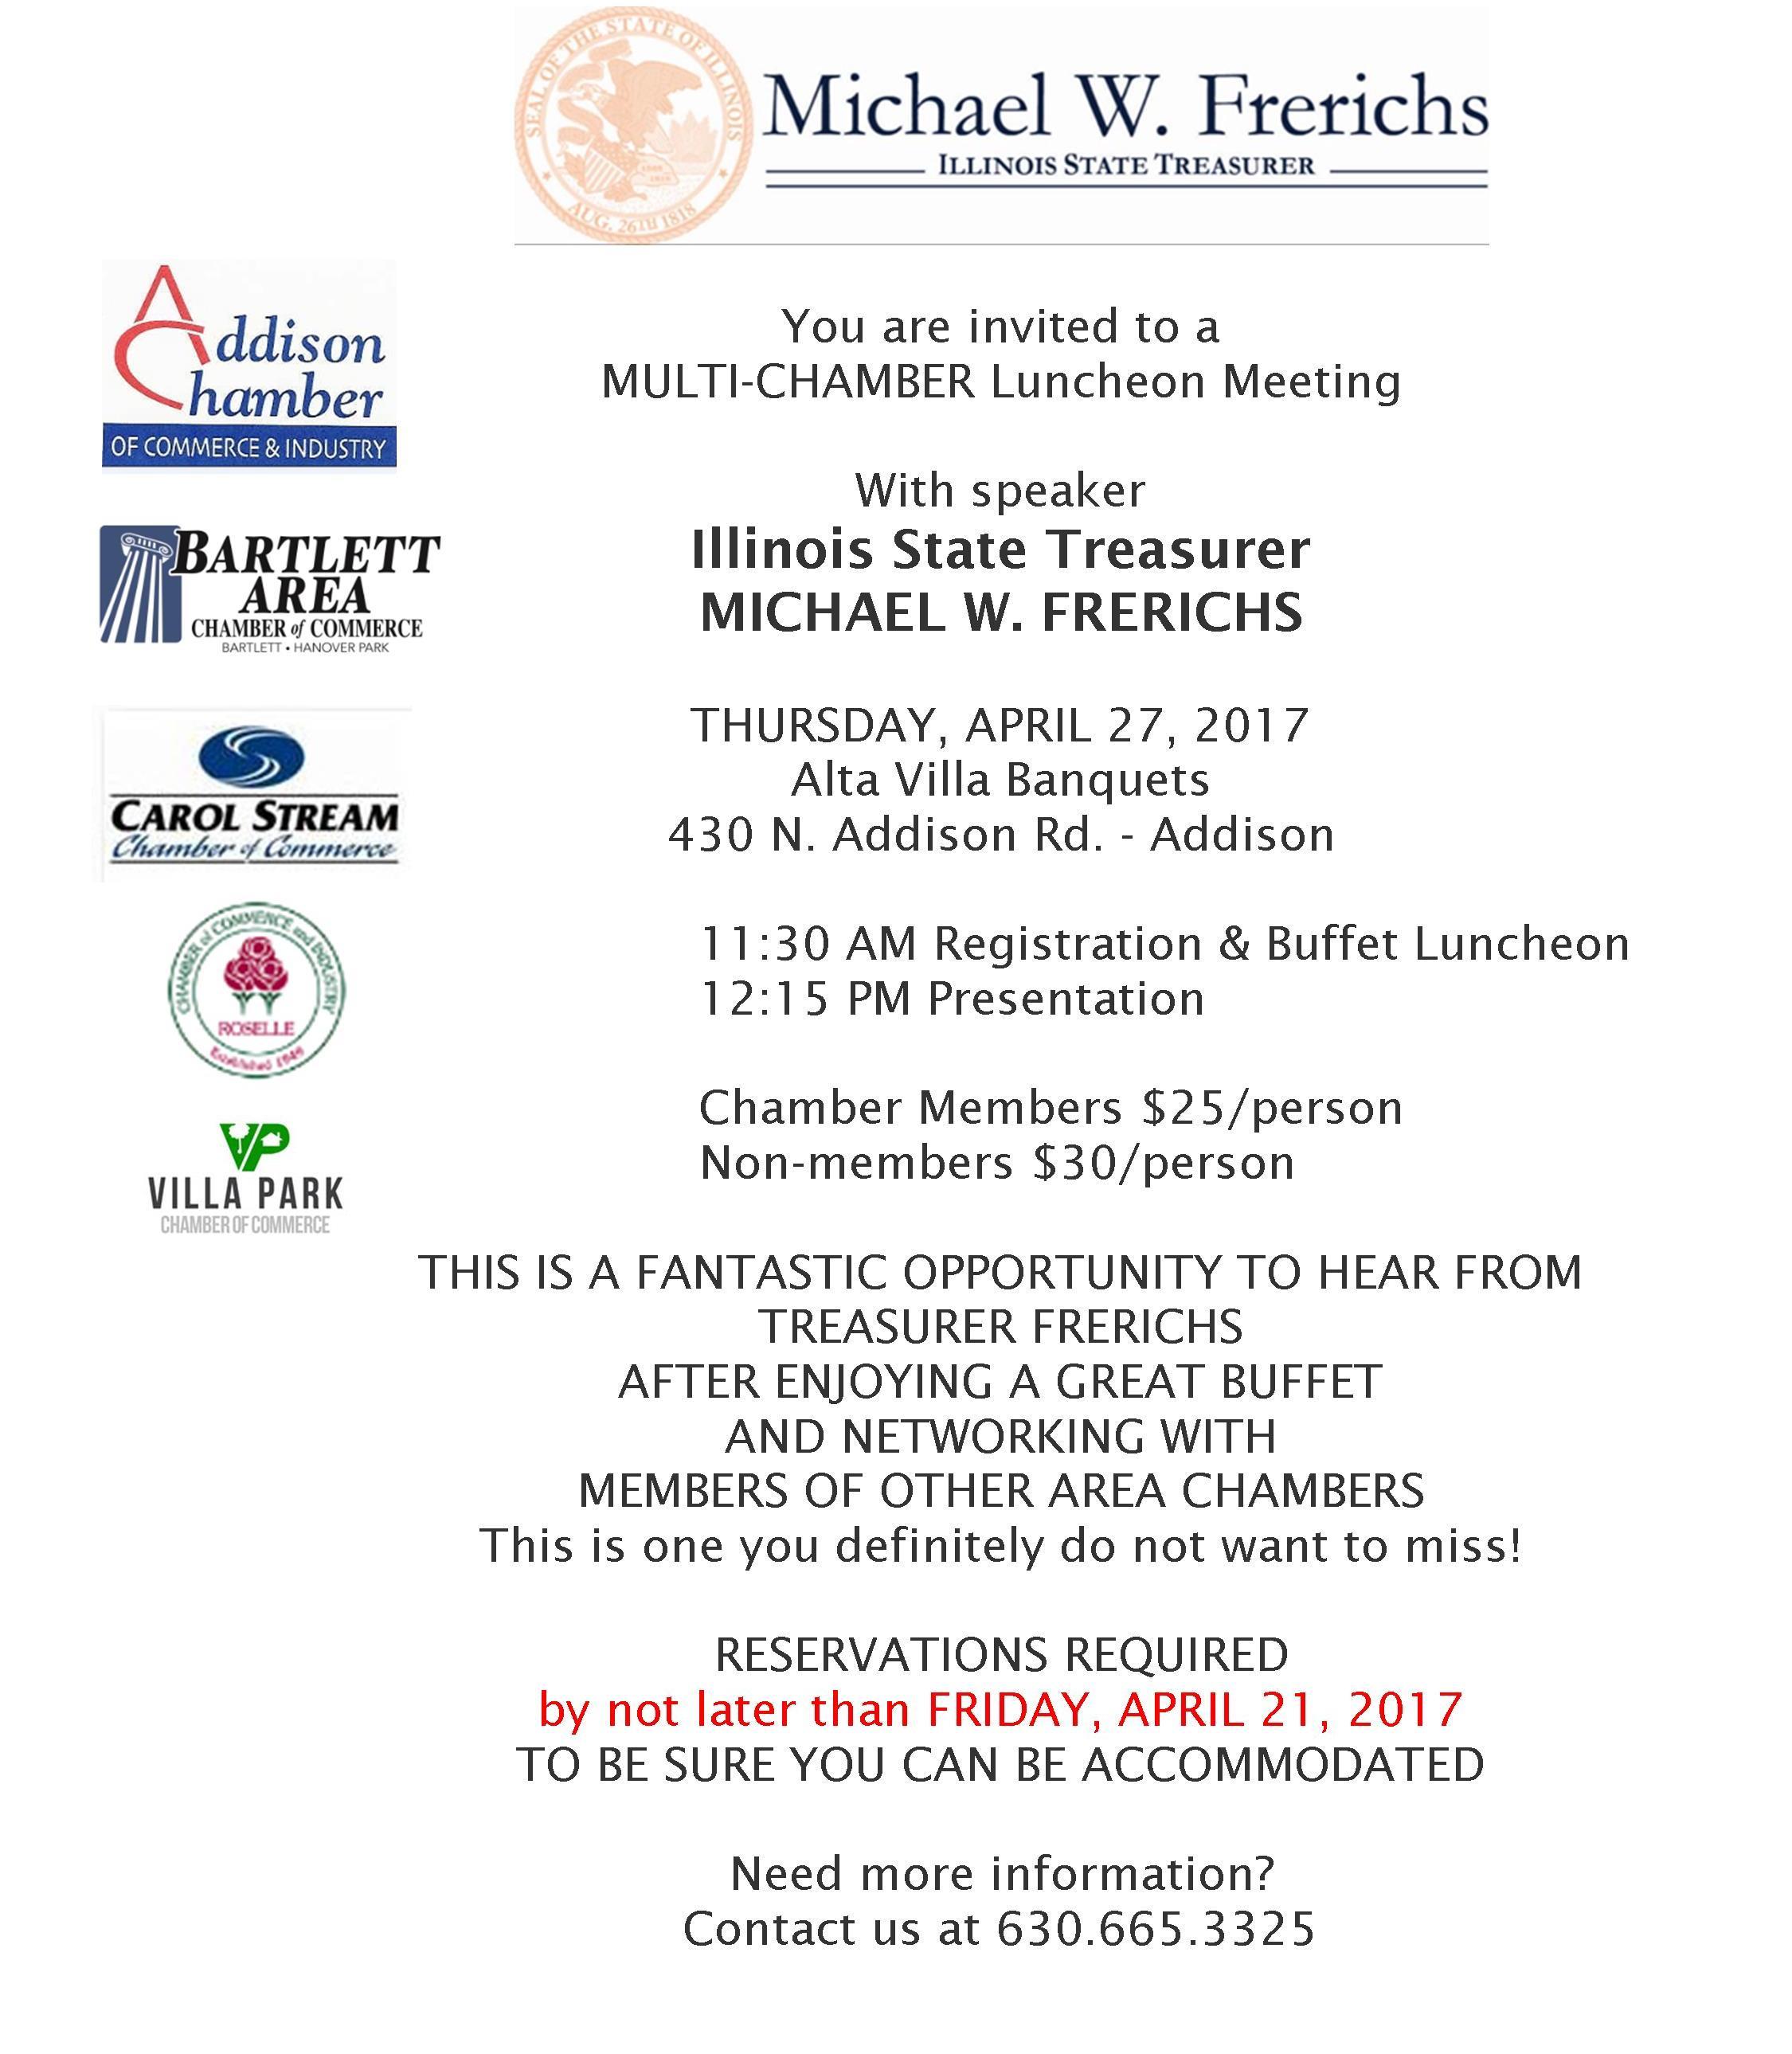 Carol Stream Chamber Luncheon - Multi-chamber at AltaVilla/Addison. Apr 27th, IL State Treas Michael Frerichs, call 630.665.3325